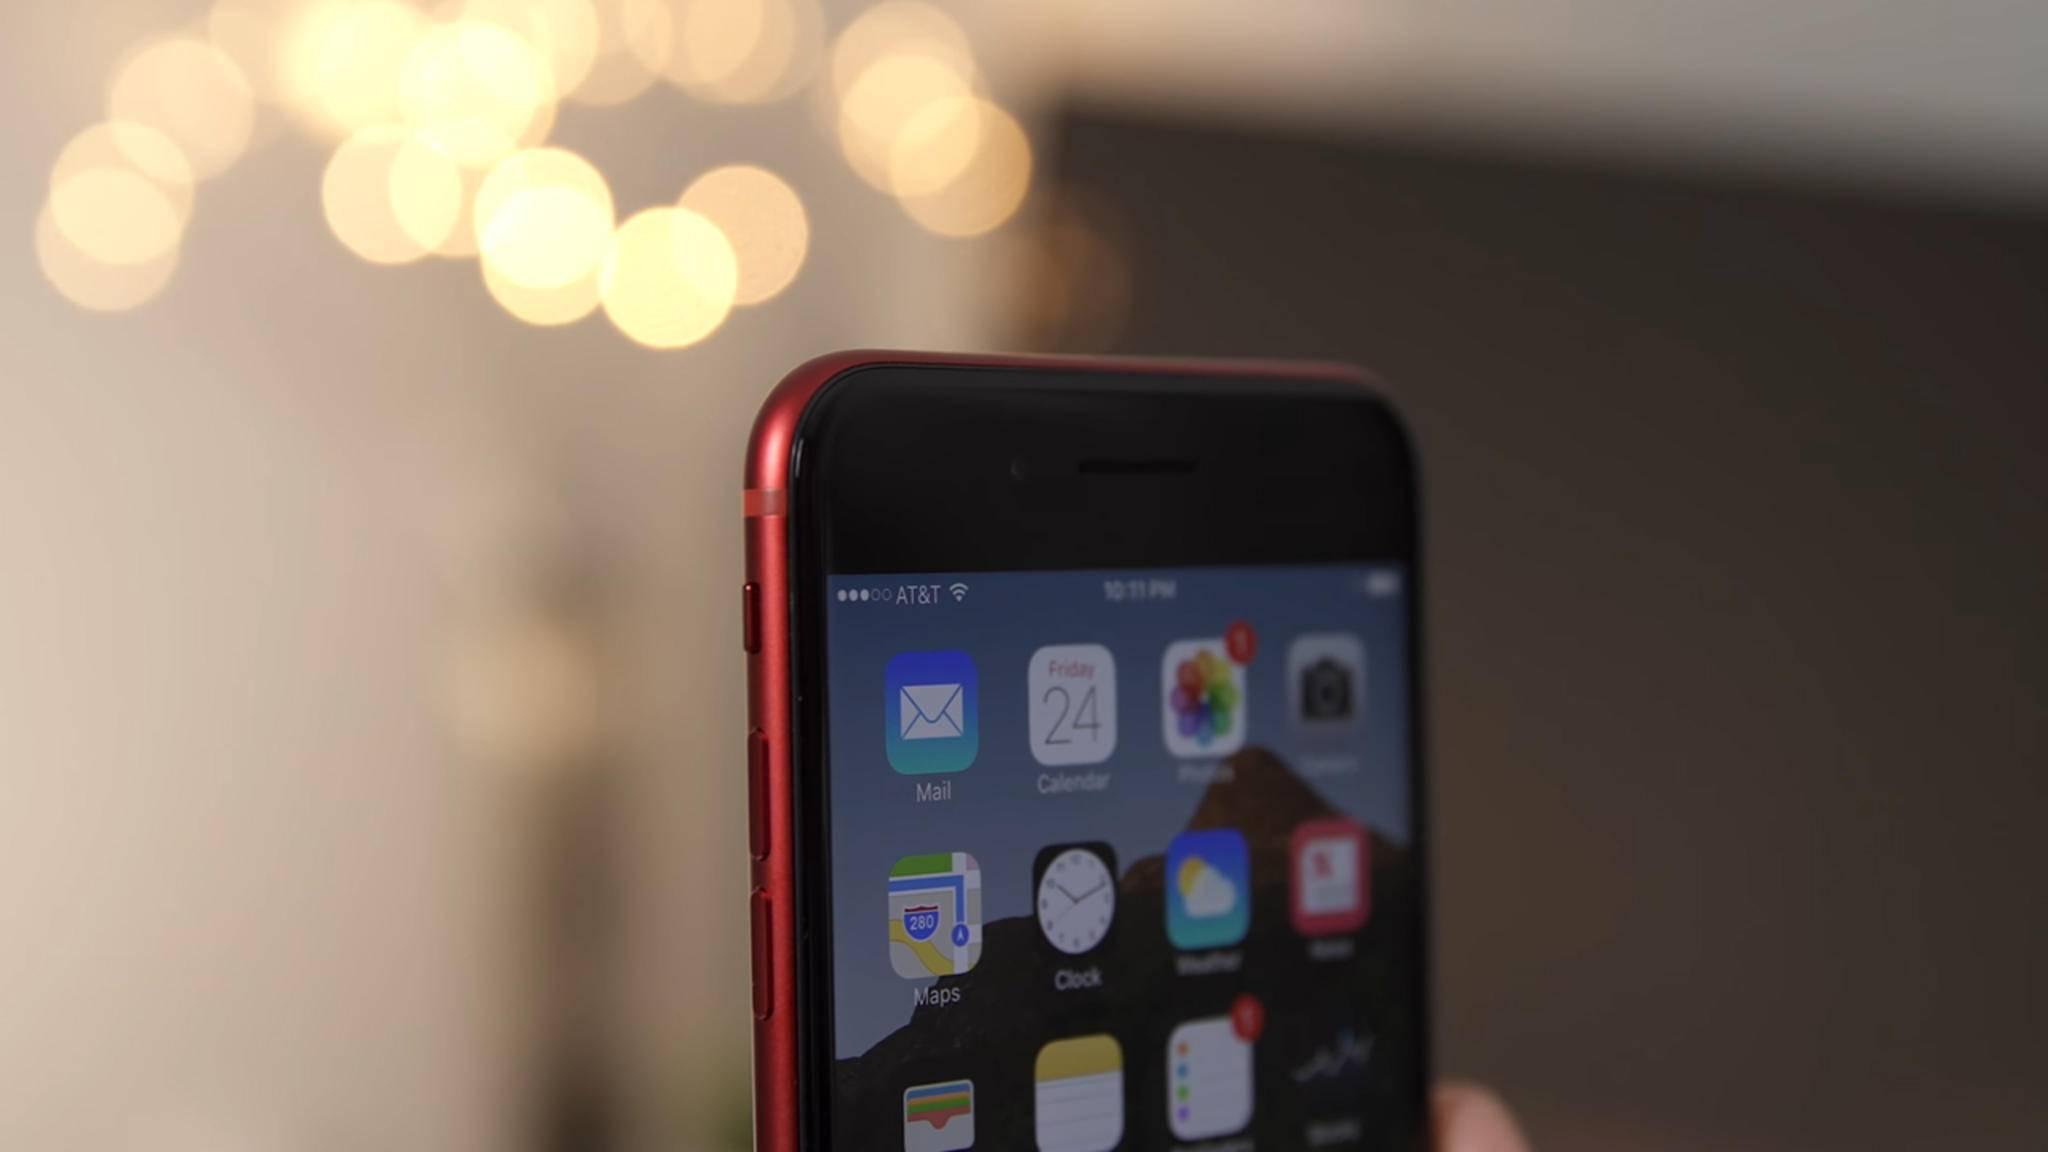 Wer das rote iPhone 7 mit schwarzer Front haben will, muss viel Geld ausgeben – und basteln können.